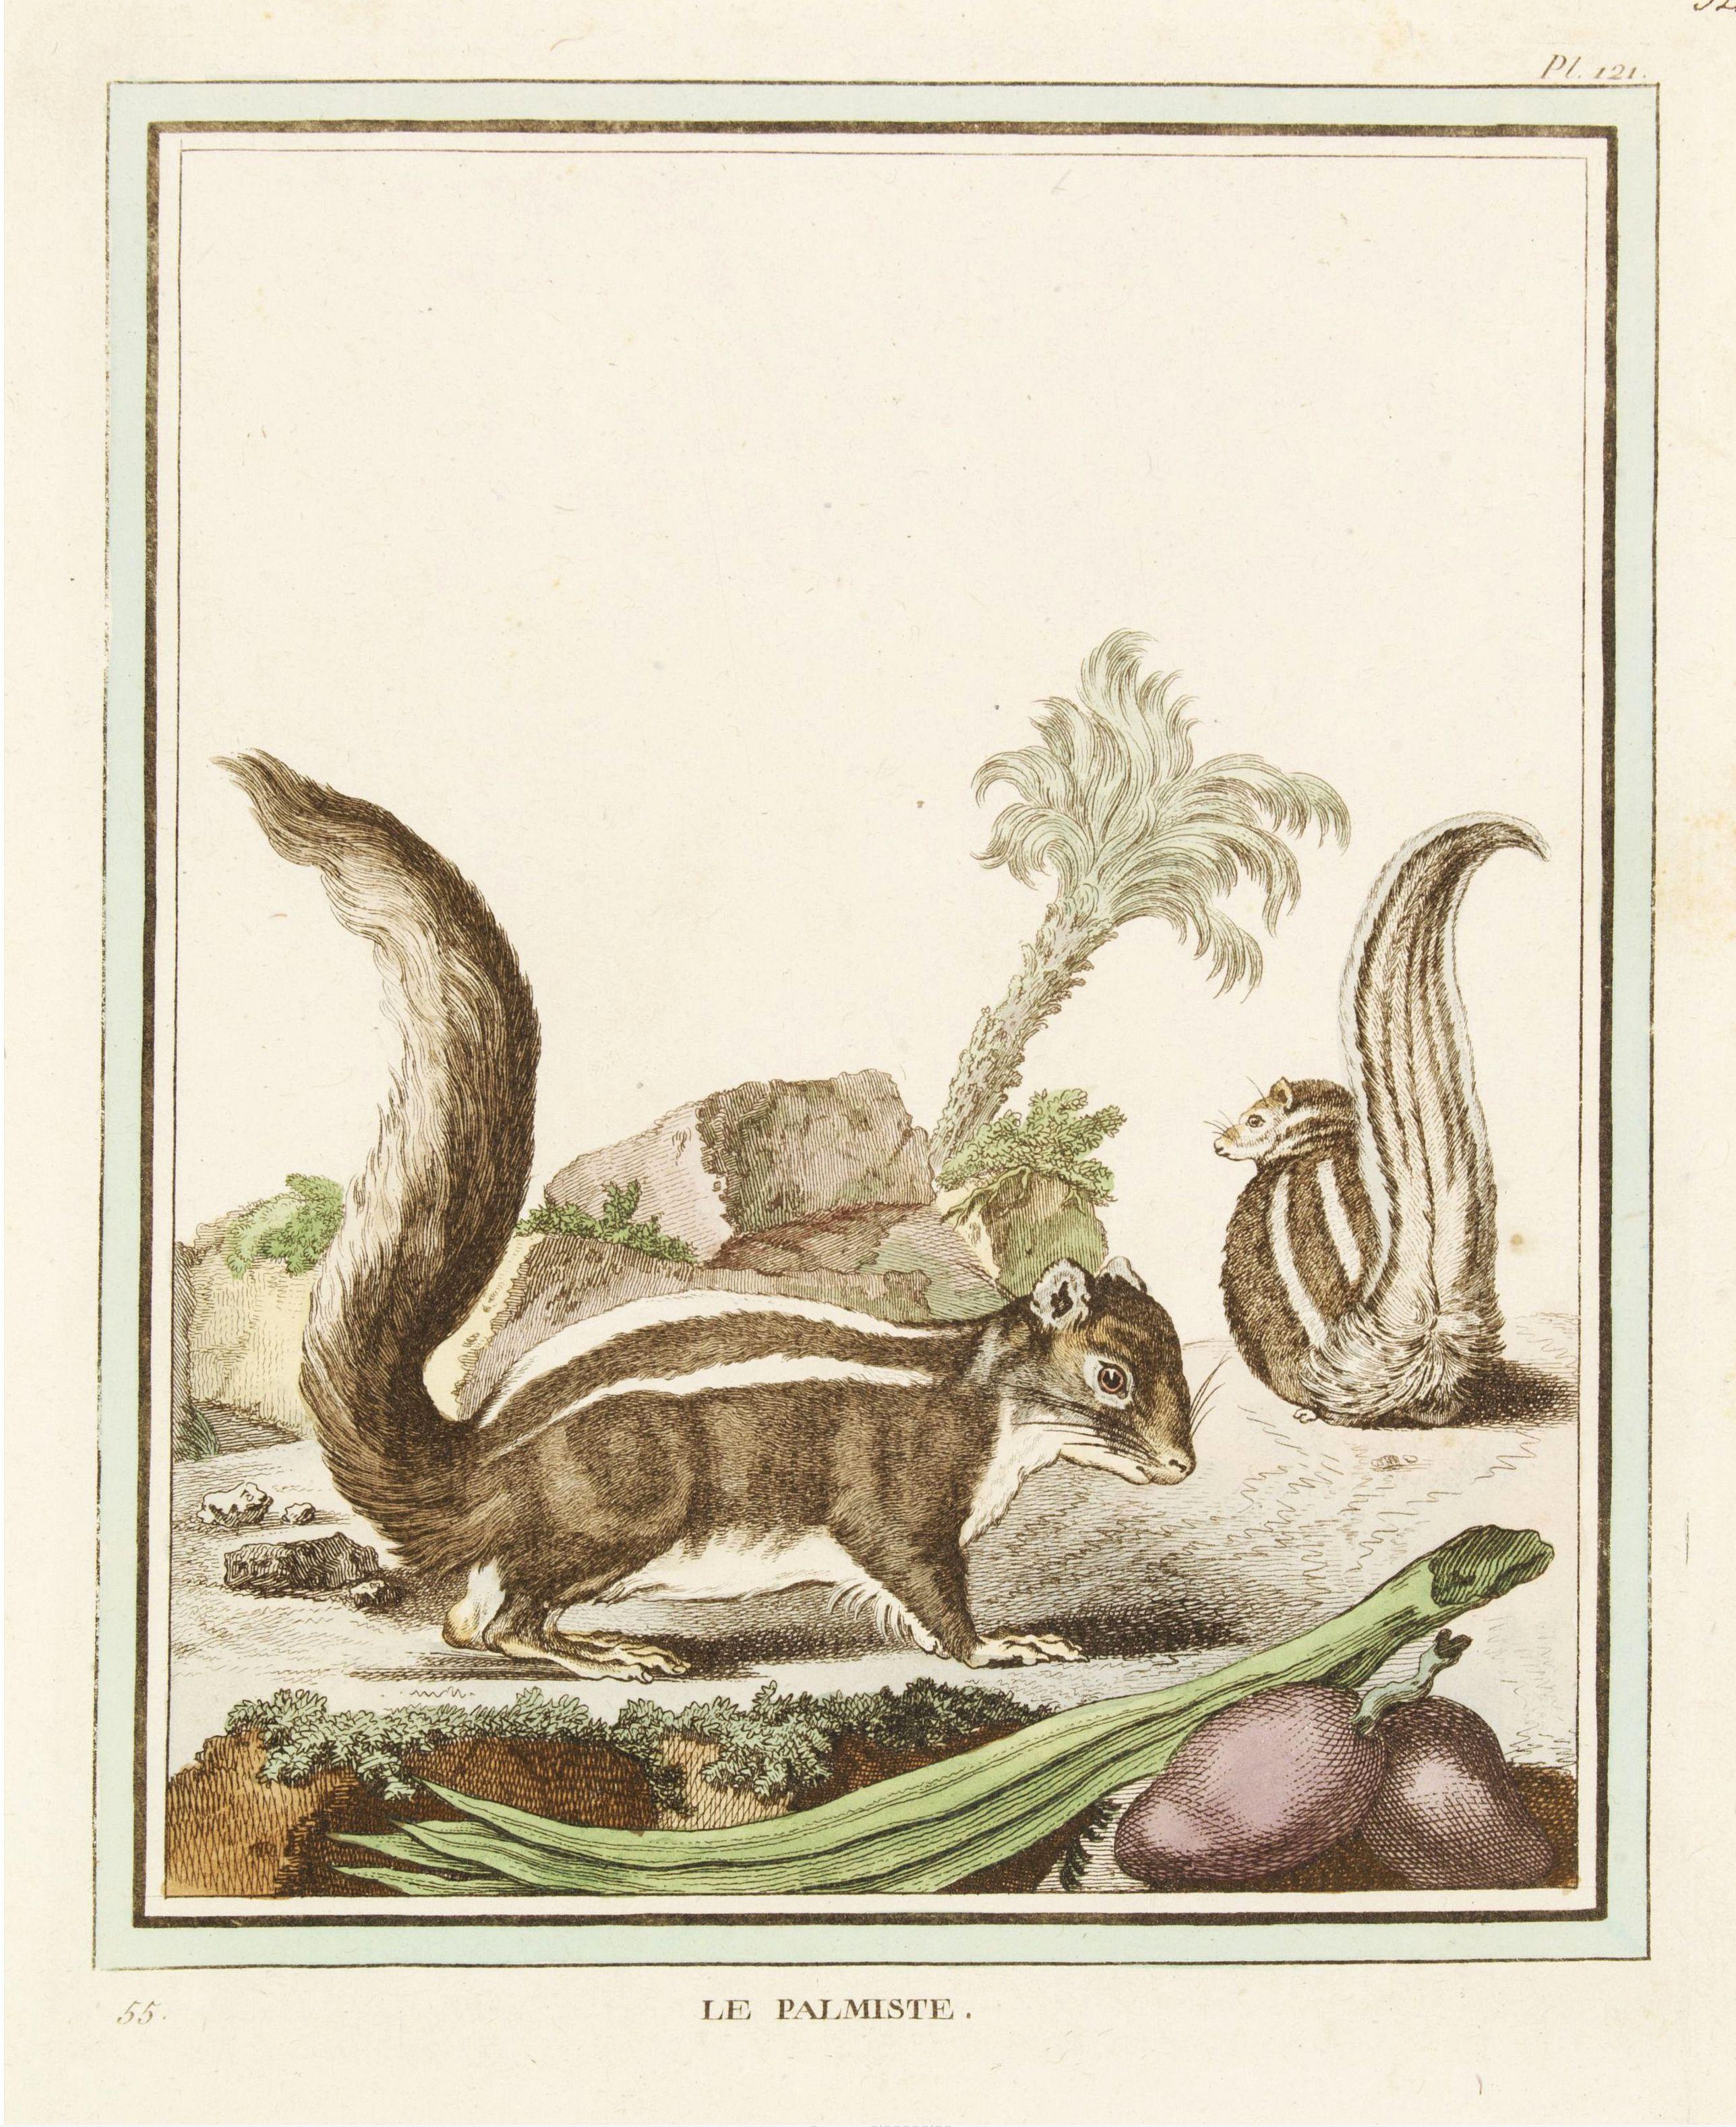 DE SÈVE, After Jacques (active 1742-1788) -  Le Palmiste [Pl. 121]